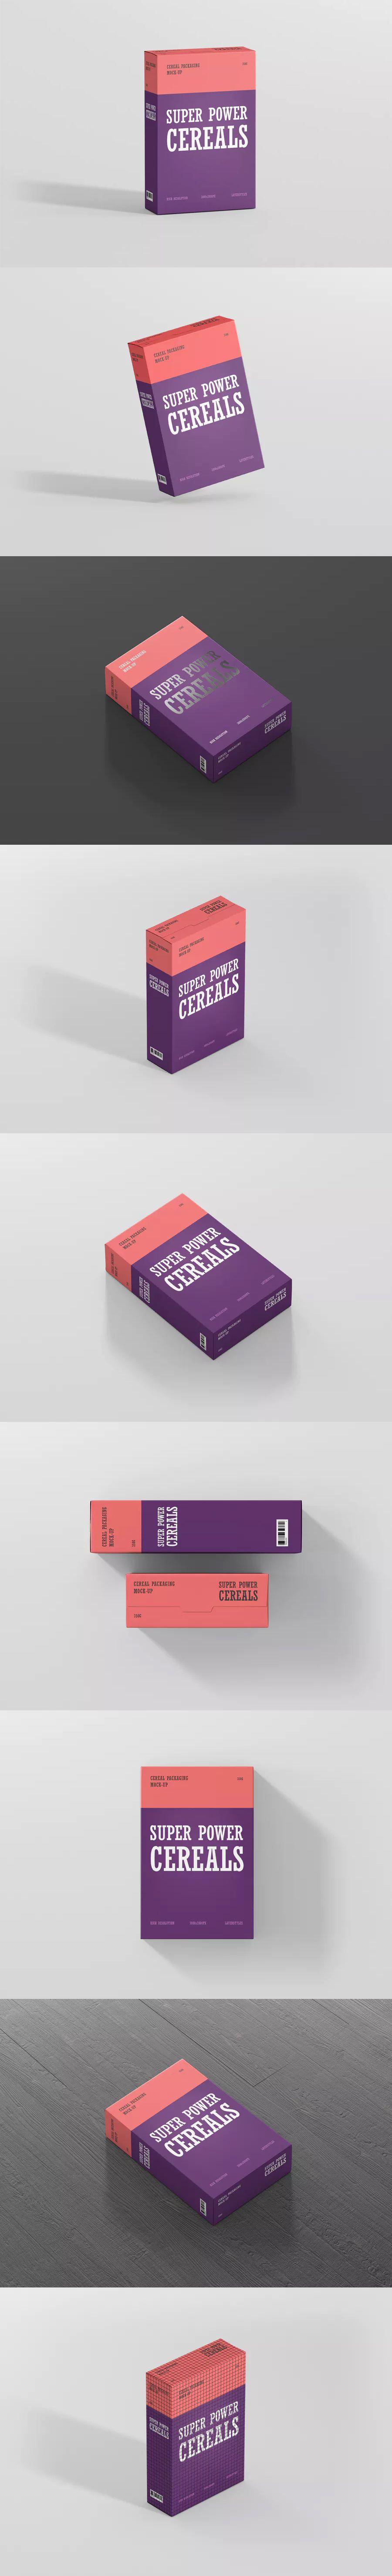 Cereals Box Mockup By Visconbiz On Envato Elements Box Mockup Cereal Box Box